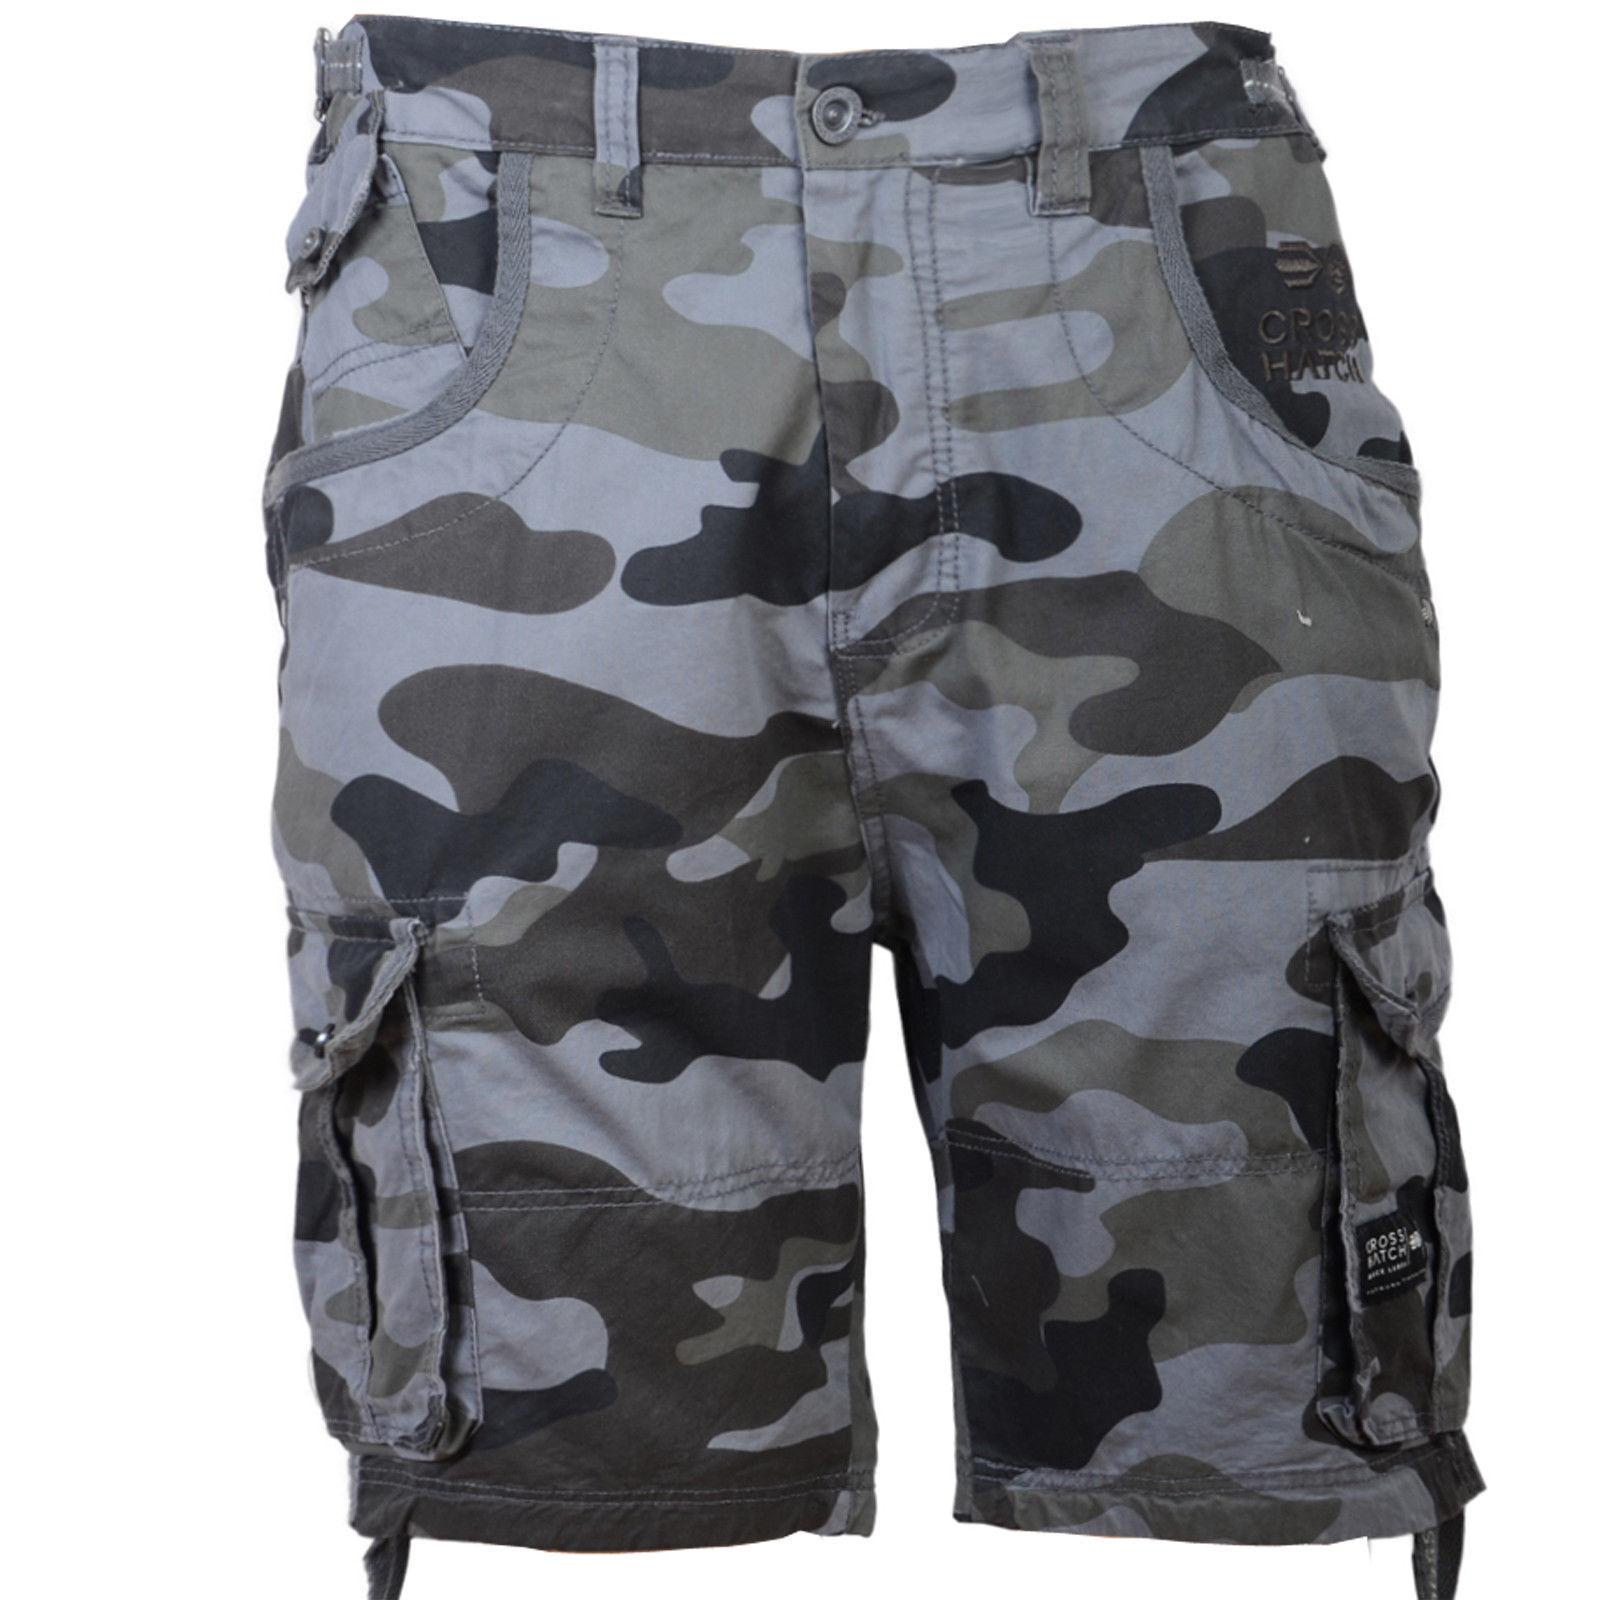 hommes Crosshatch Cargo / COMBAT SHORT camouflage ryehill - - - Noir ca5592